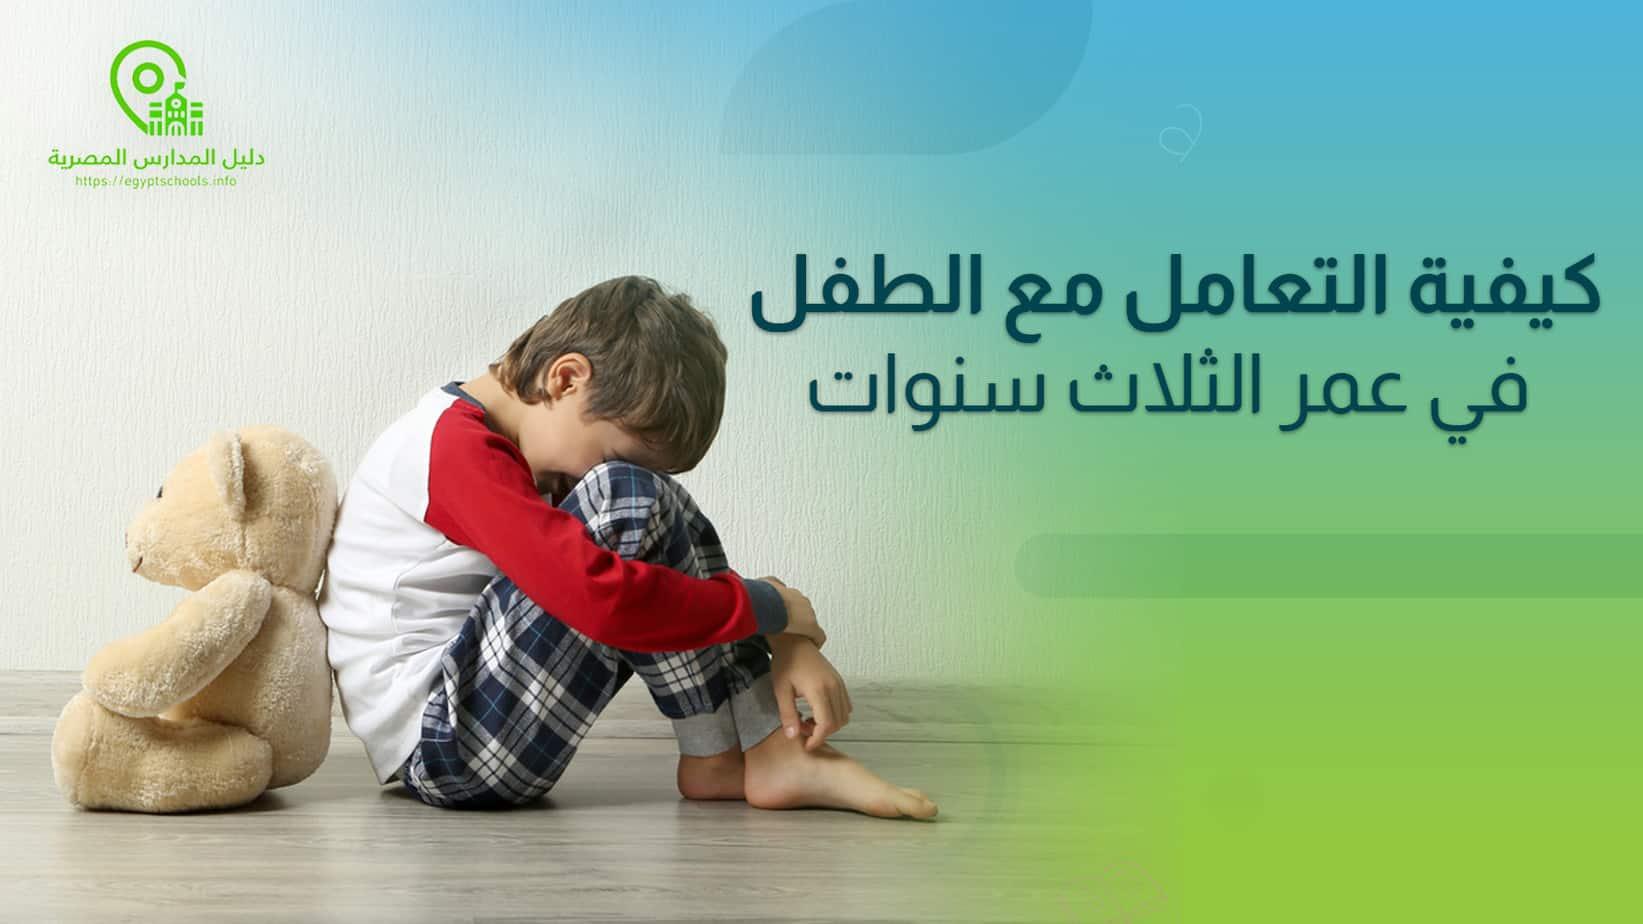 كيفية التعامل مع الطفل في عمر الثلاث سنوات